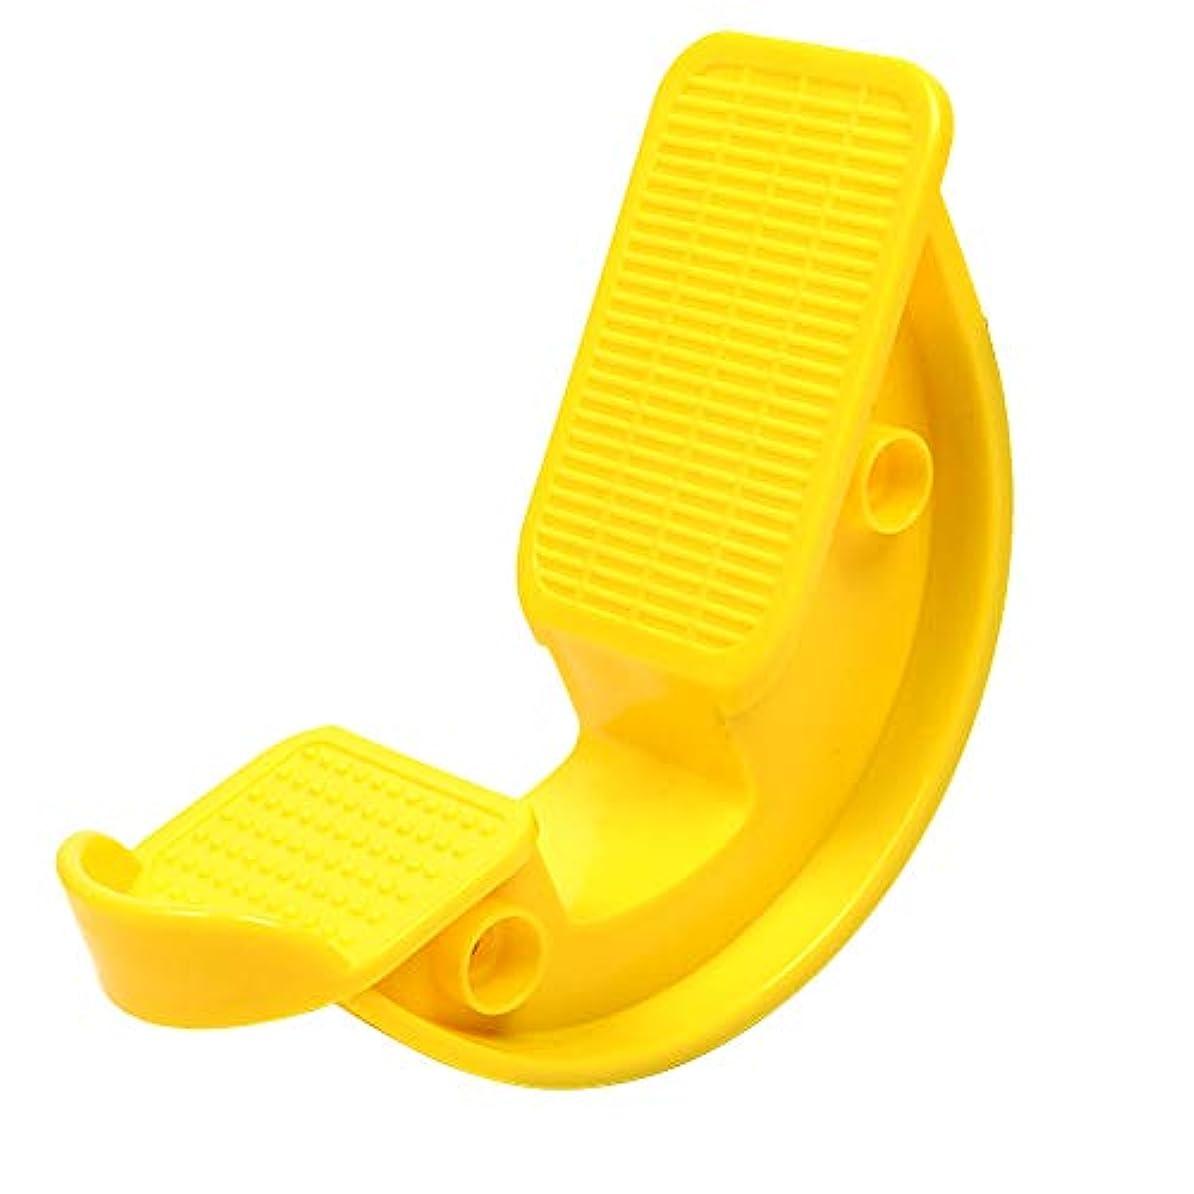 変化誓約疾患足のロッカーふくらはぎストレッチャーの痛みを軽減し、筋肉ストレッチ、ヨガフィットネス十二指腸筋膜炎腱炎ツールフットロッカー。